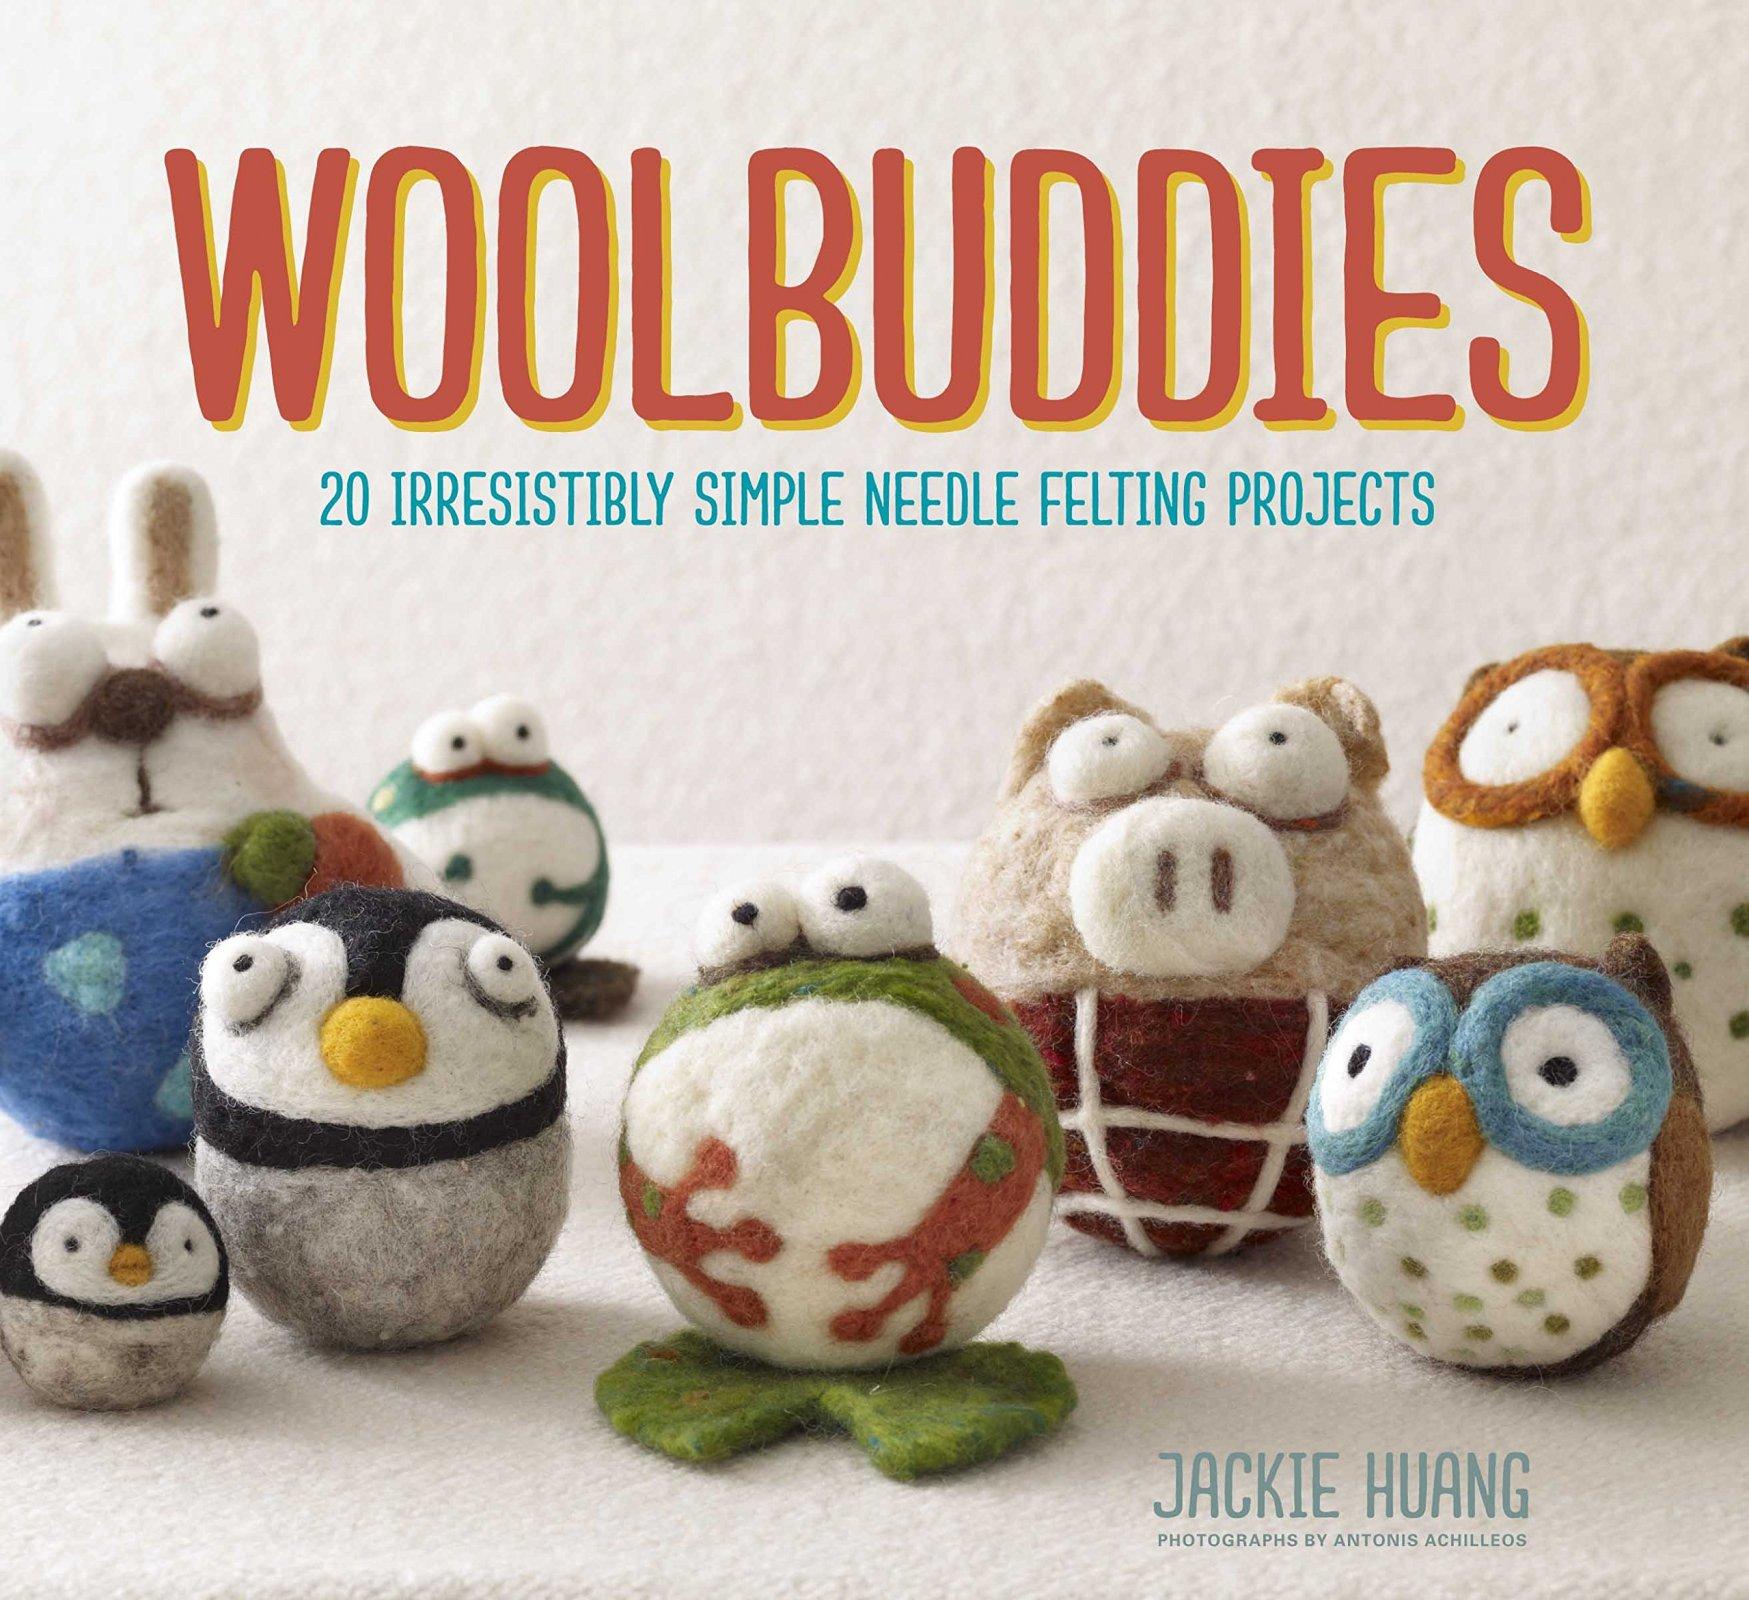 Woolbuddy Book